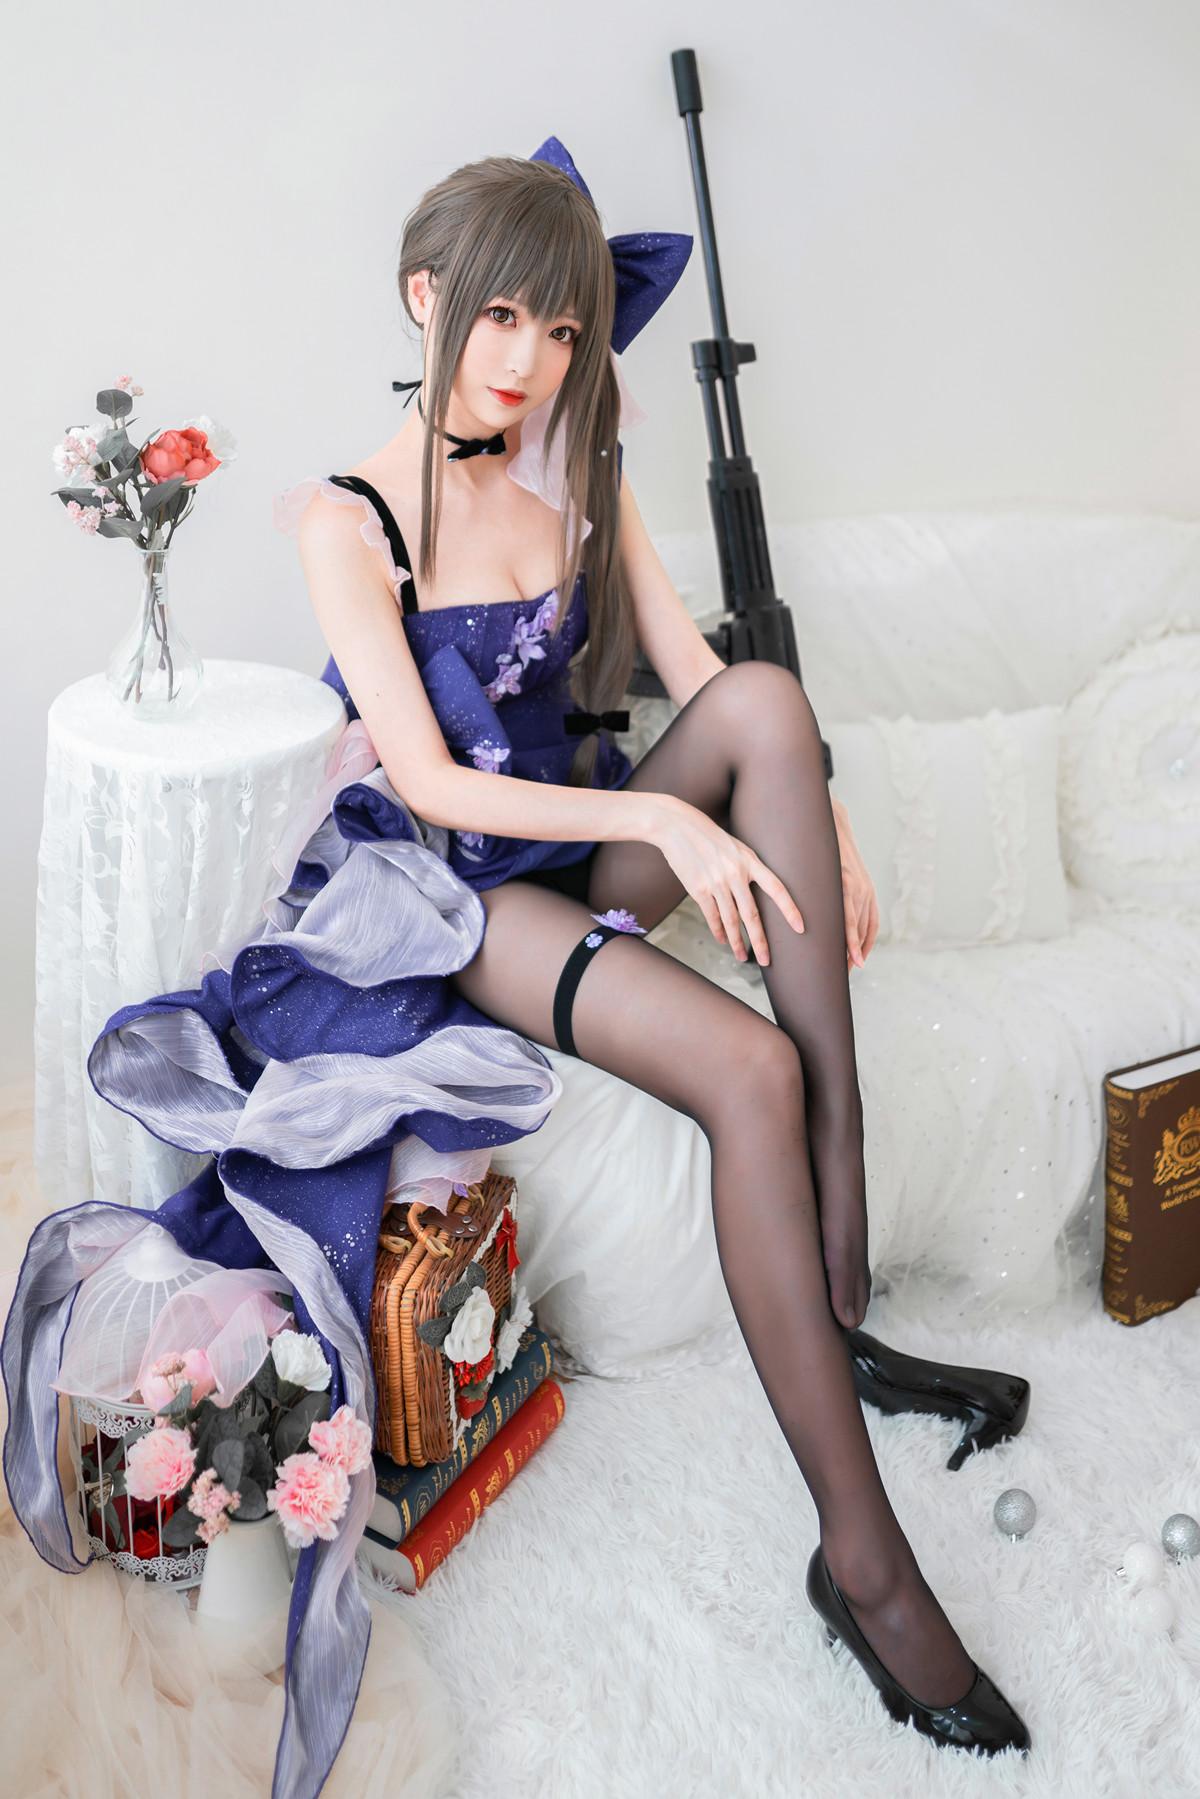 藍裙蝶美女私房Cosplay主題性感黑絲褲襪秀美腿撩人誘惑寫真 - COSPLAY -